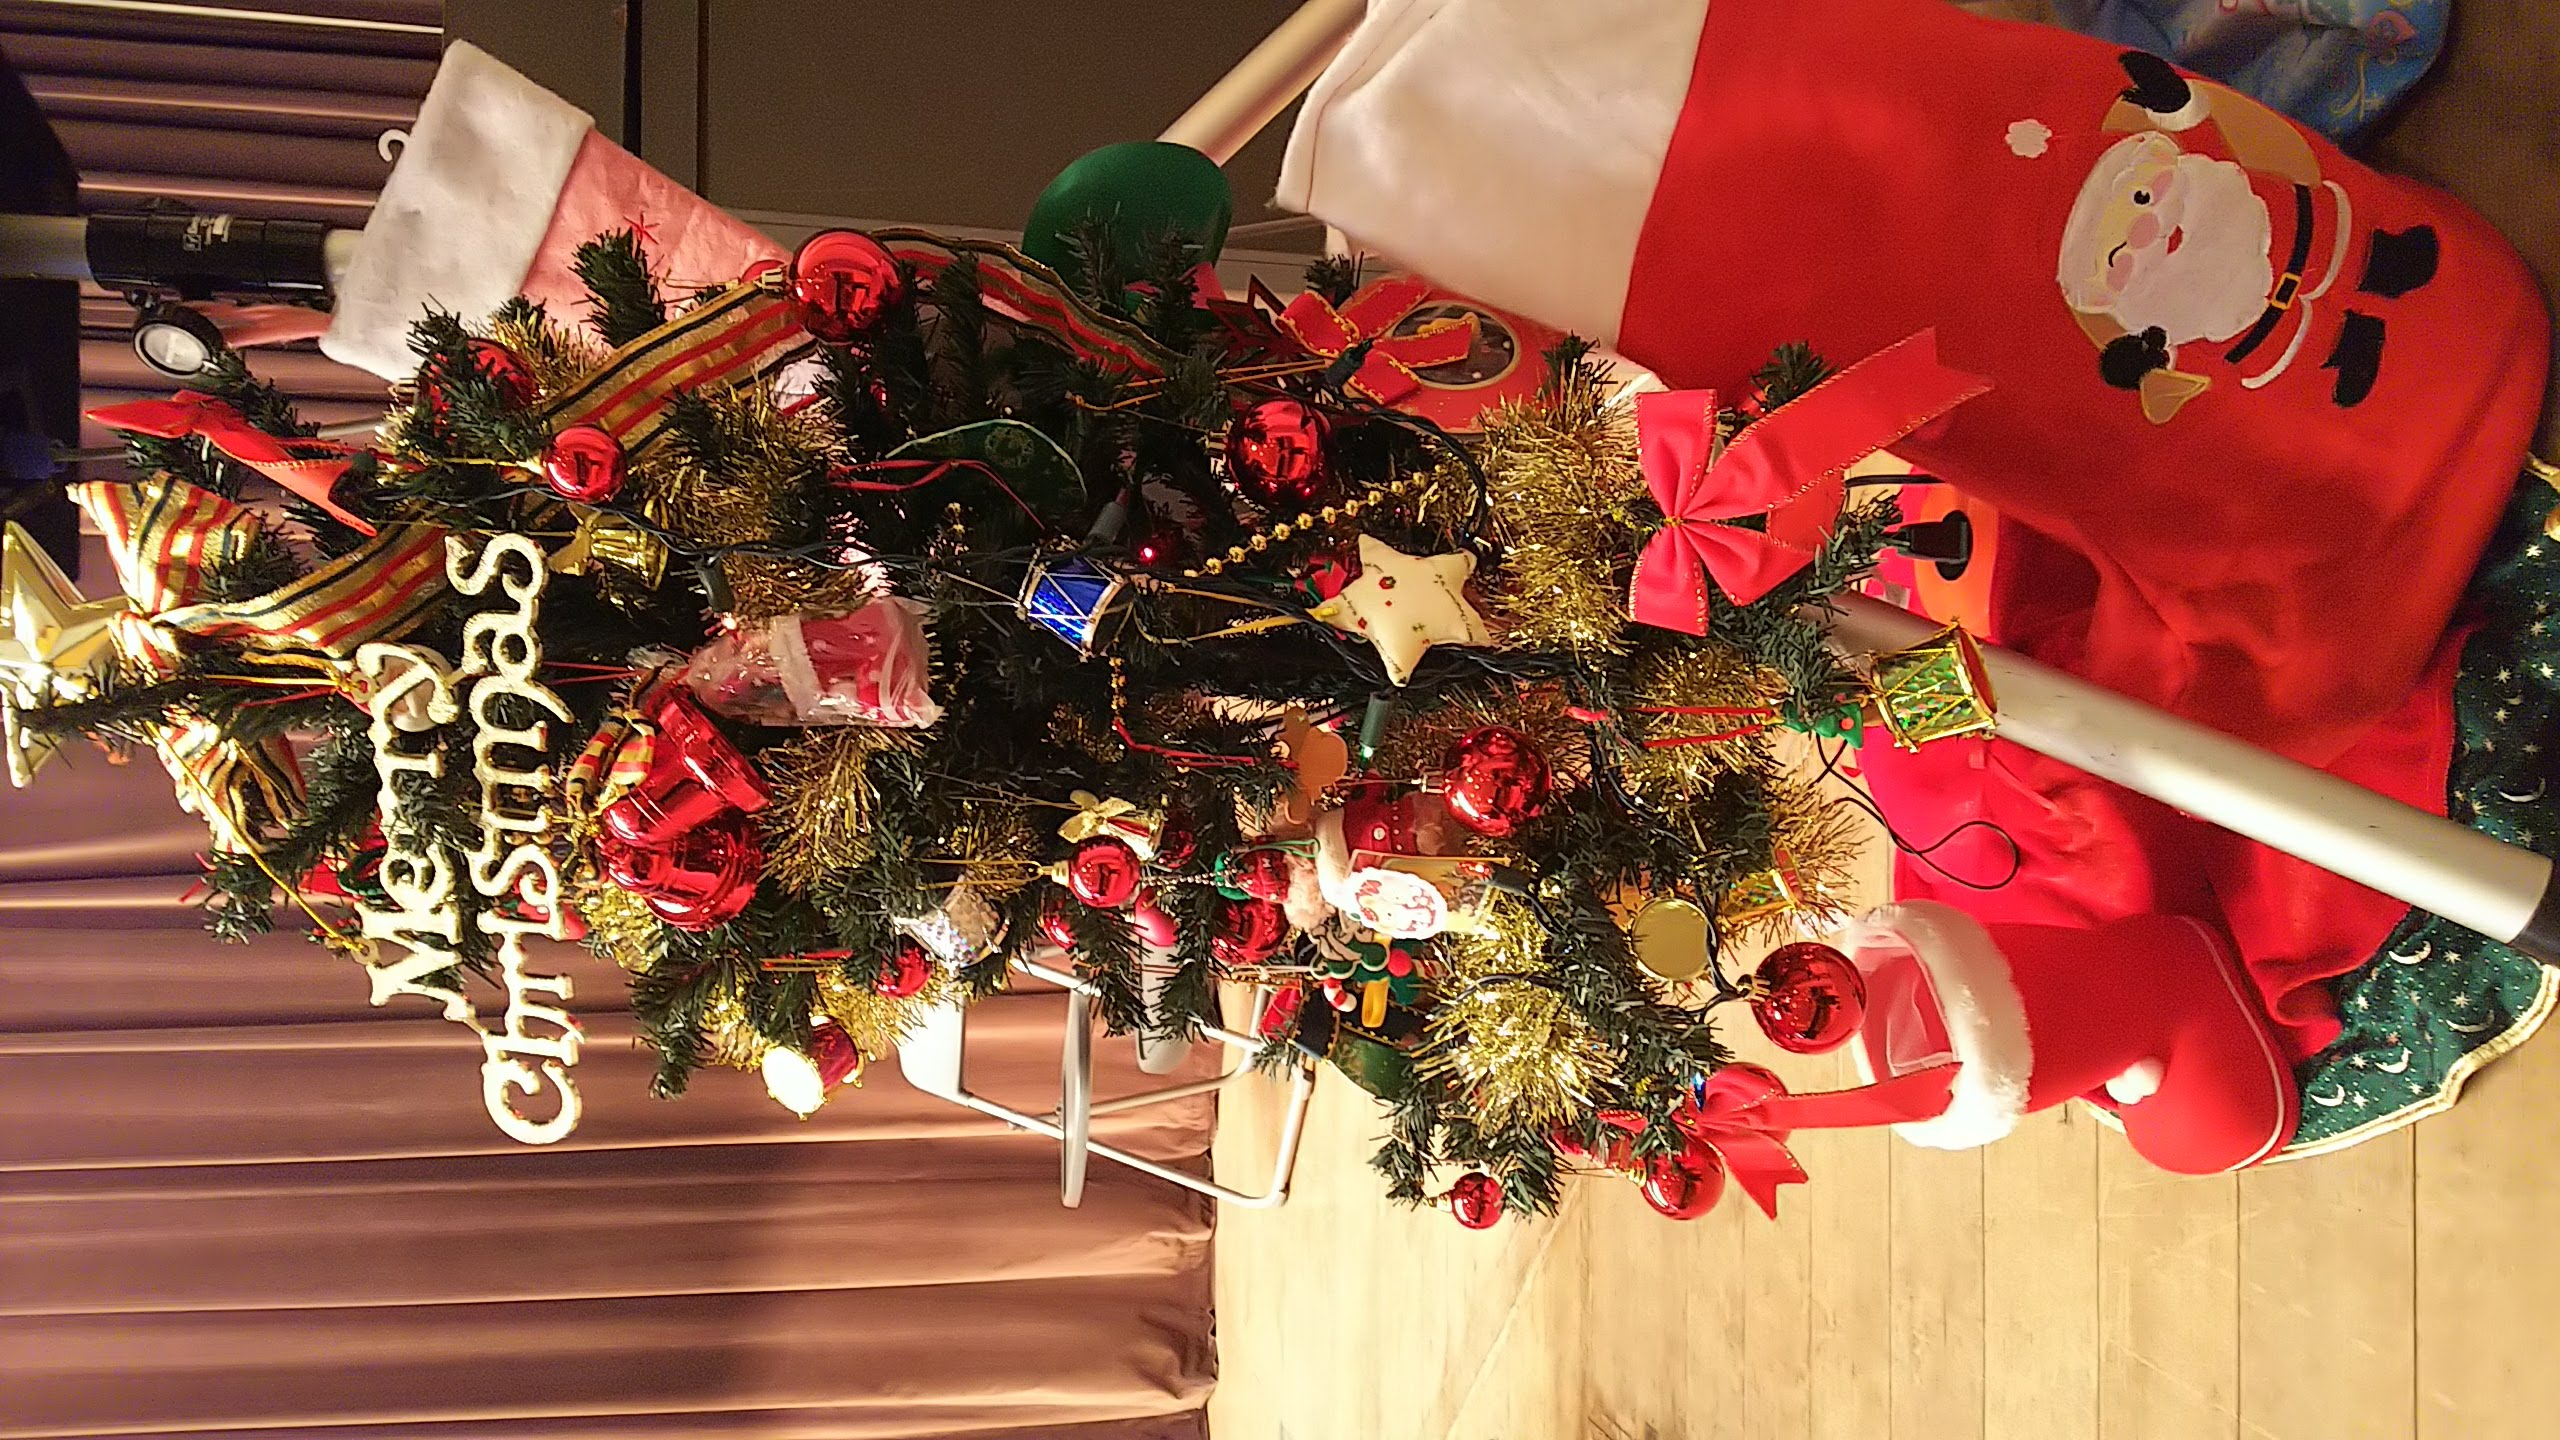 保護者の方が持ってきてくださったクリスマスツリー